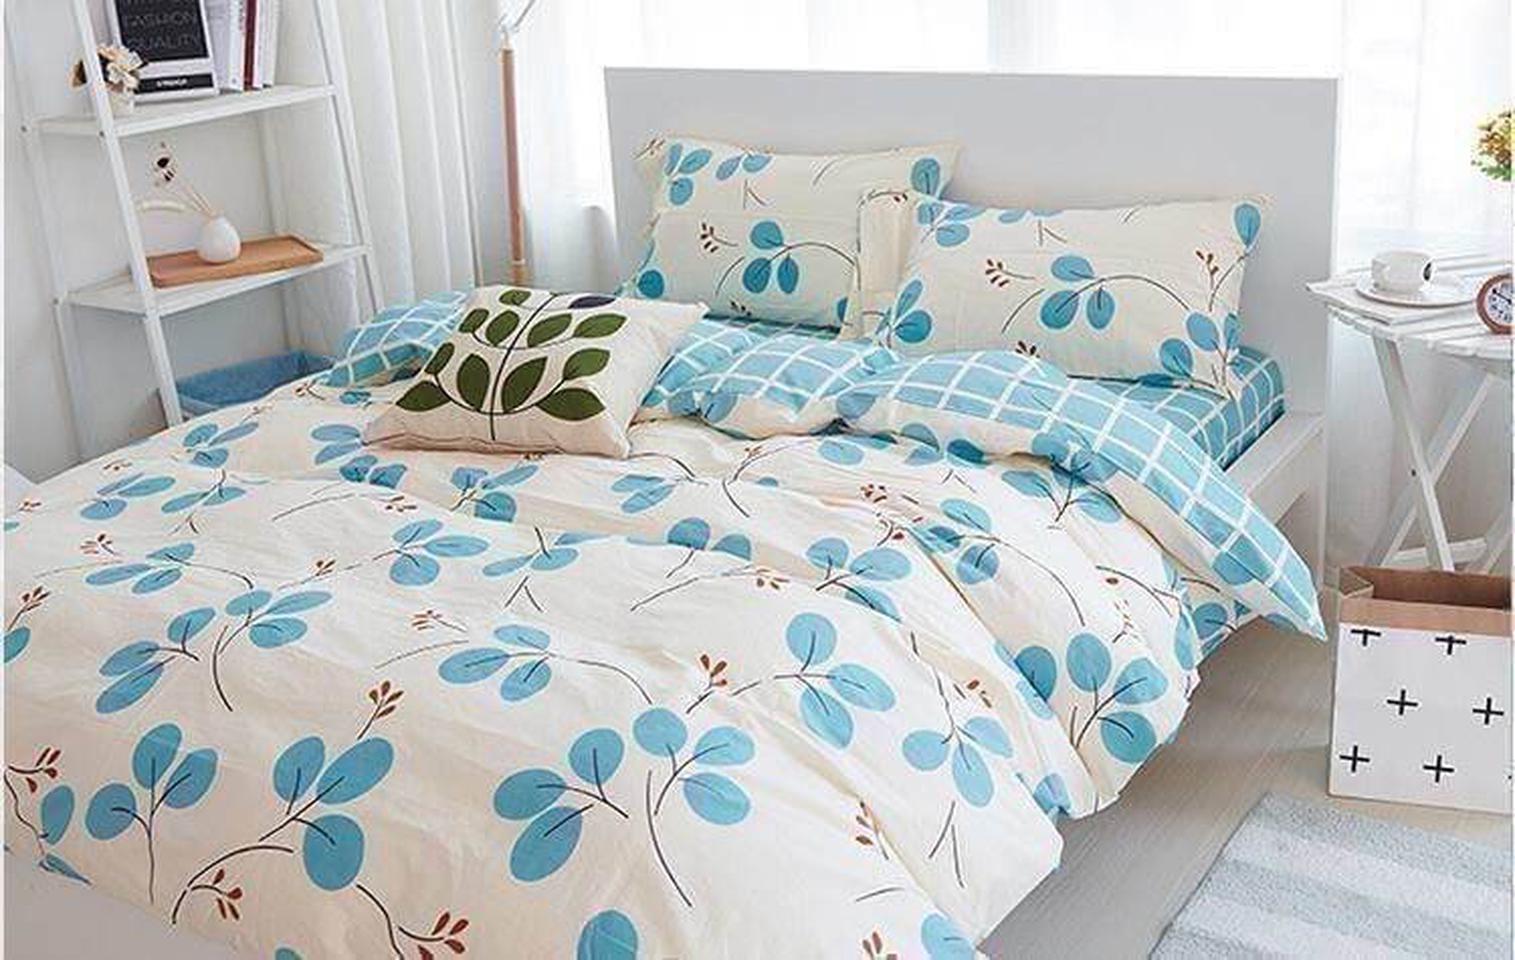 ชุดผ้าปูที่นอนเกรดพรีเมี่ยม ที่คุณจะต้องหลงรัก รูปที่ 4